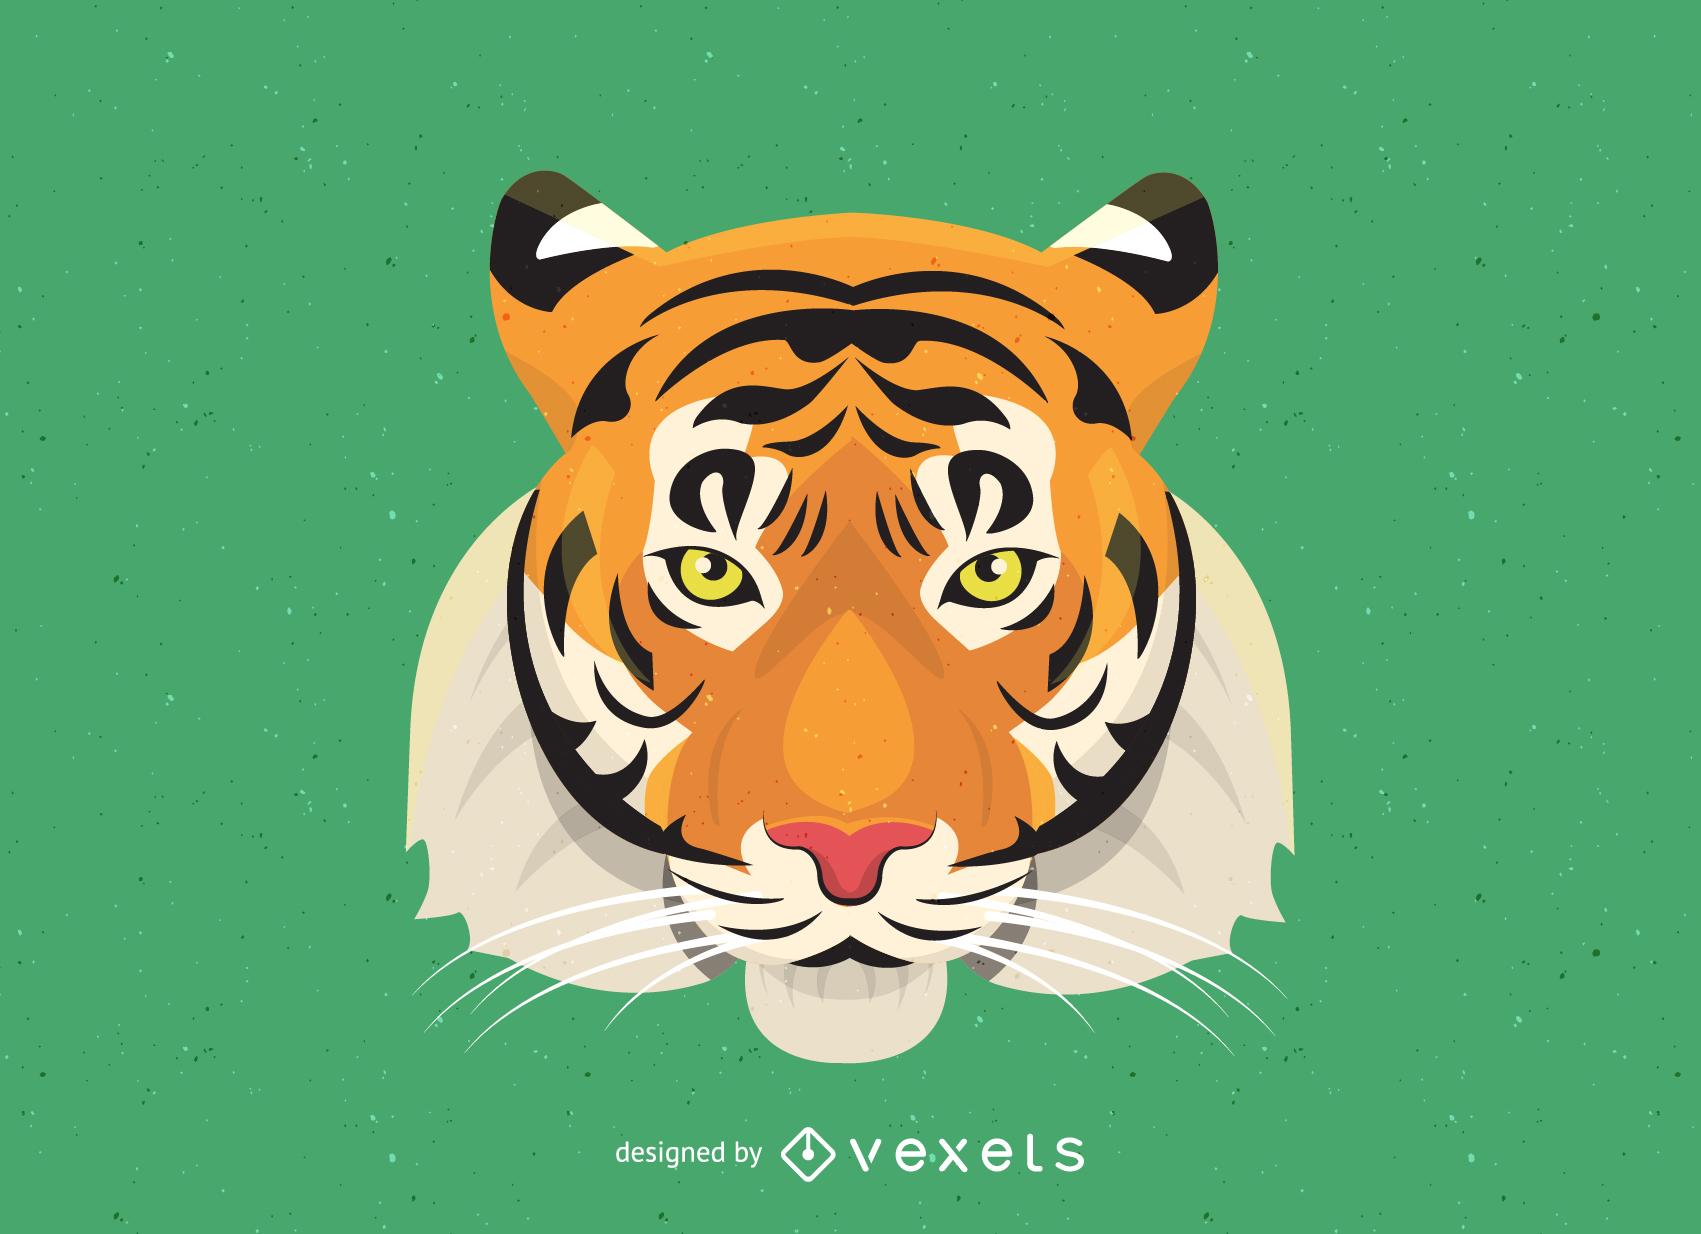 Tiger Image 17 Vector